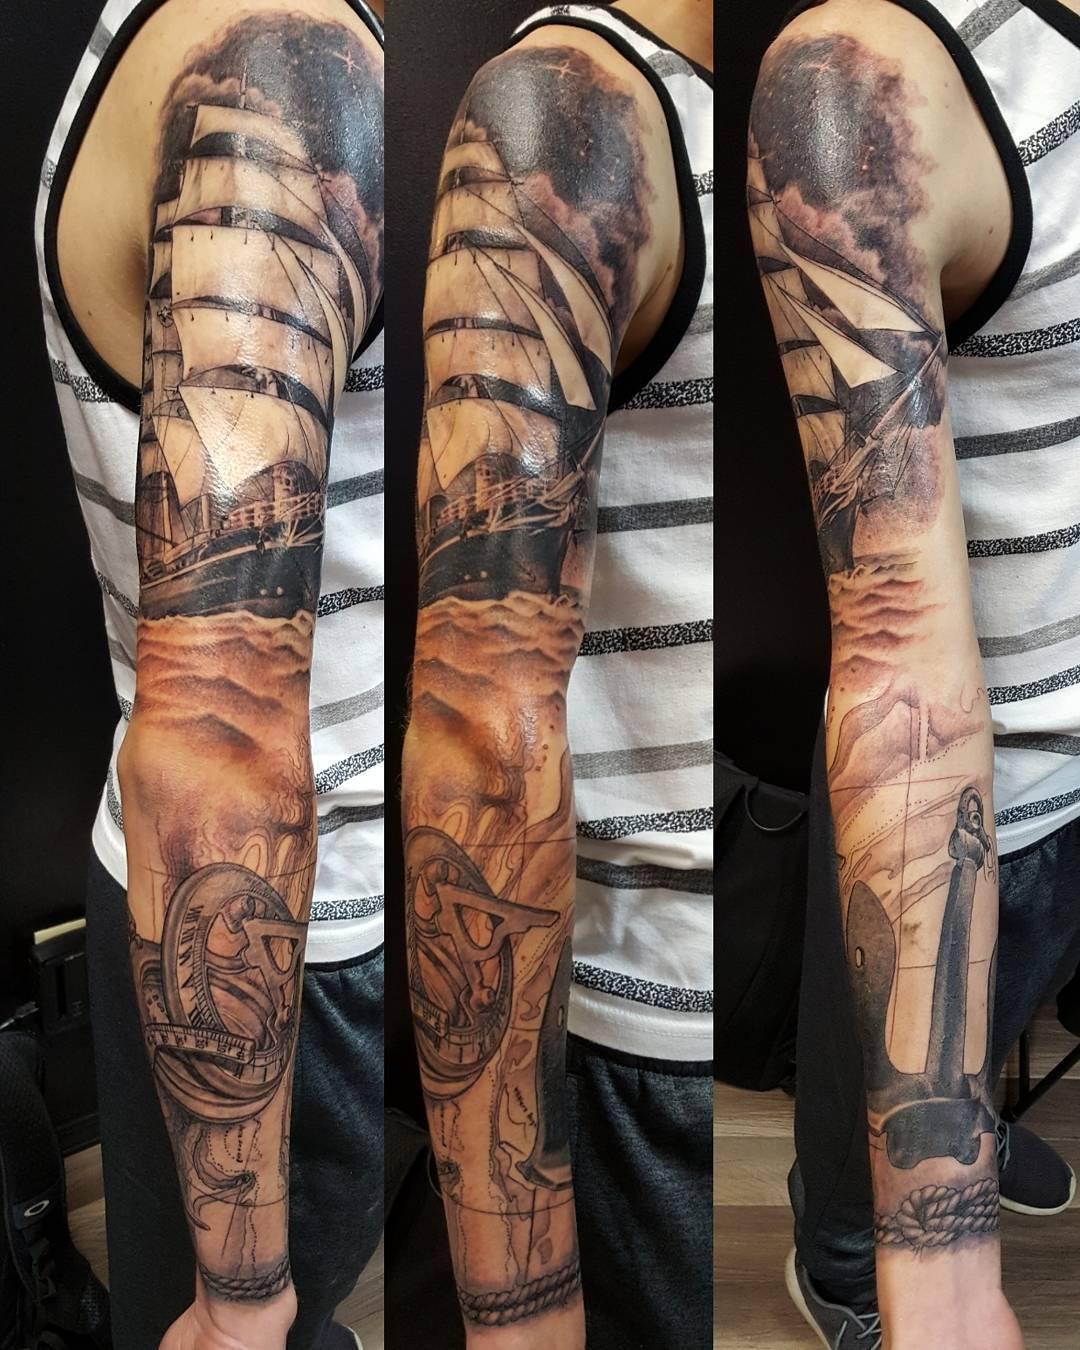 USN Full Sleeve Tattoo